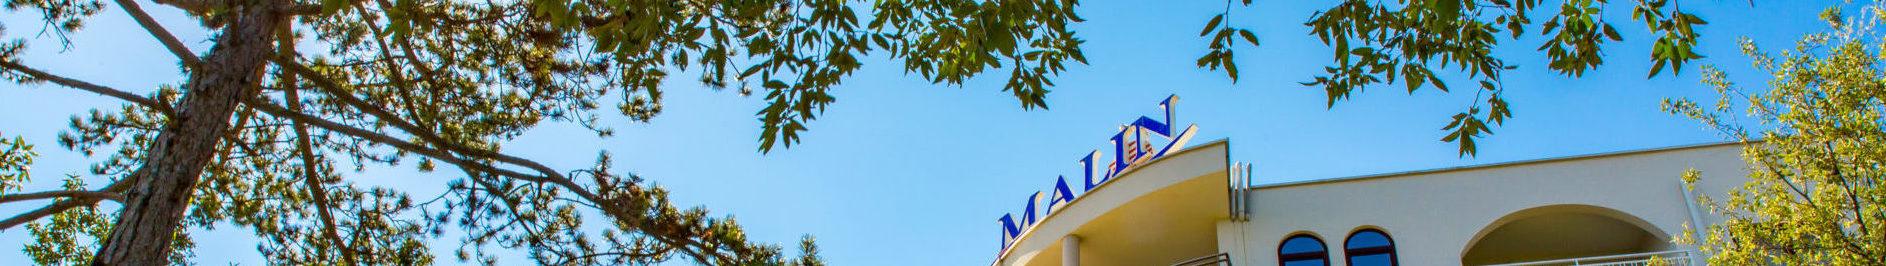 B2B Hotel Malin